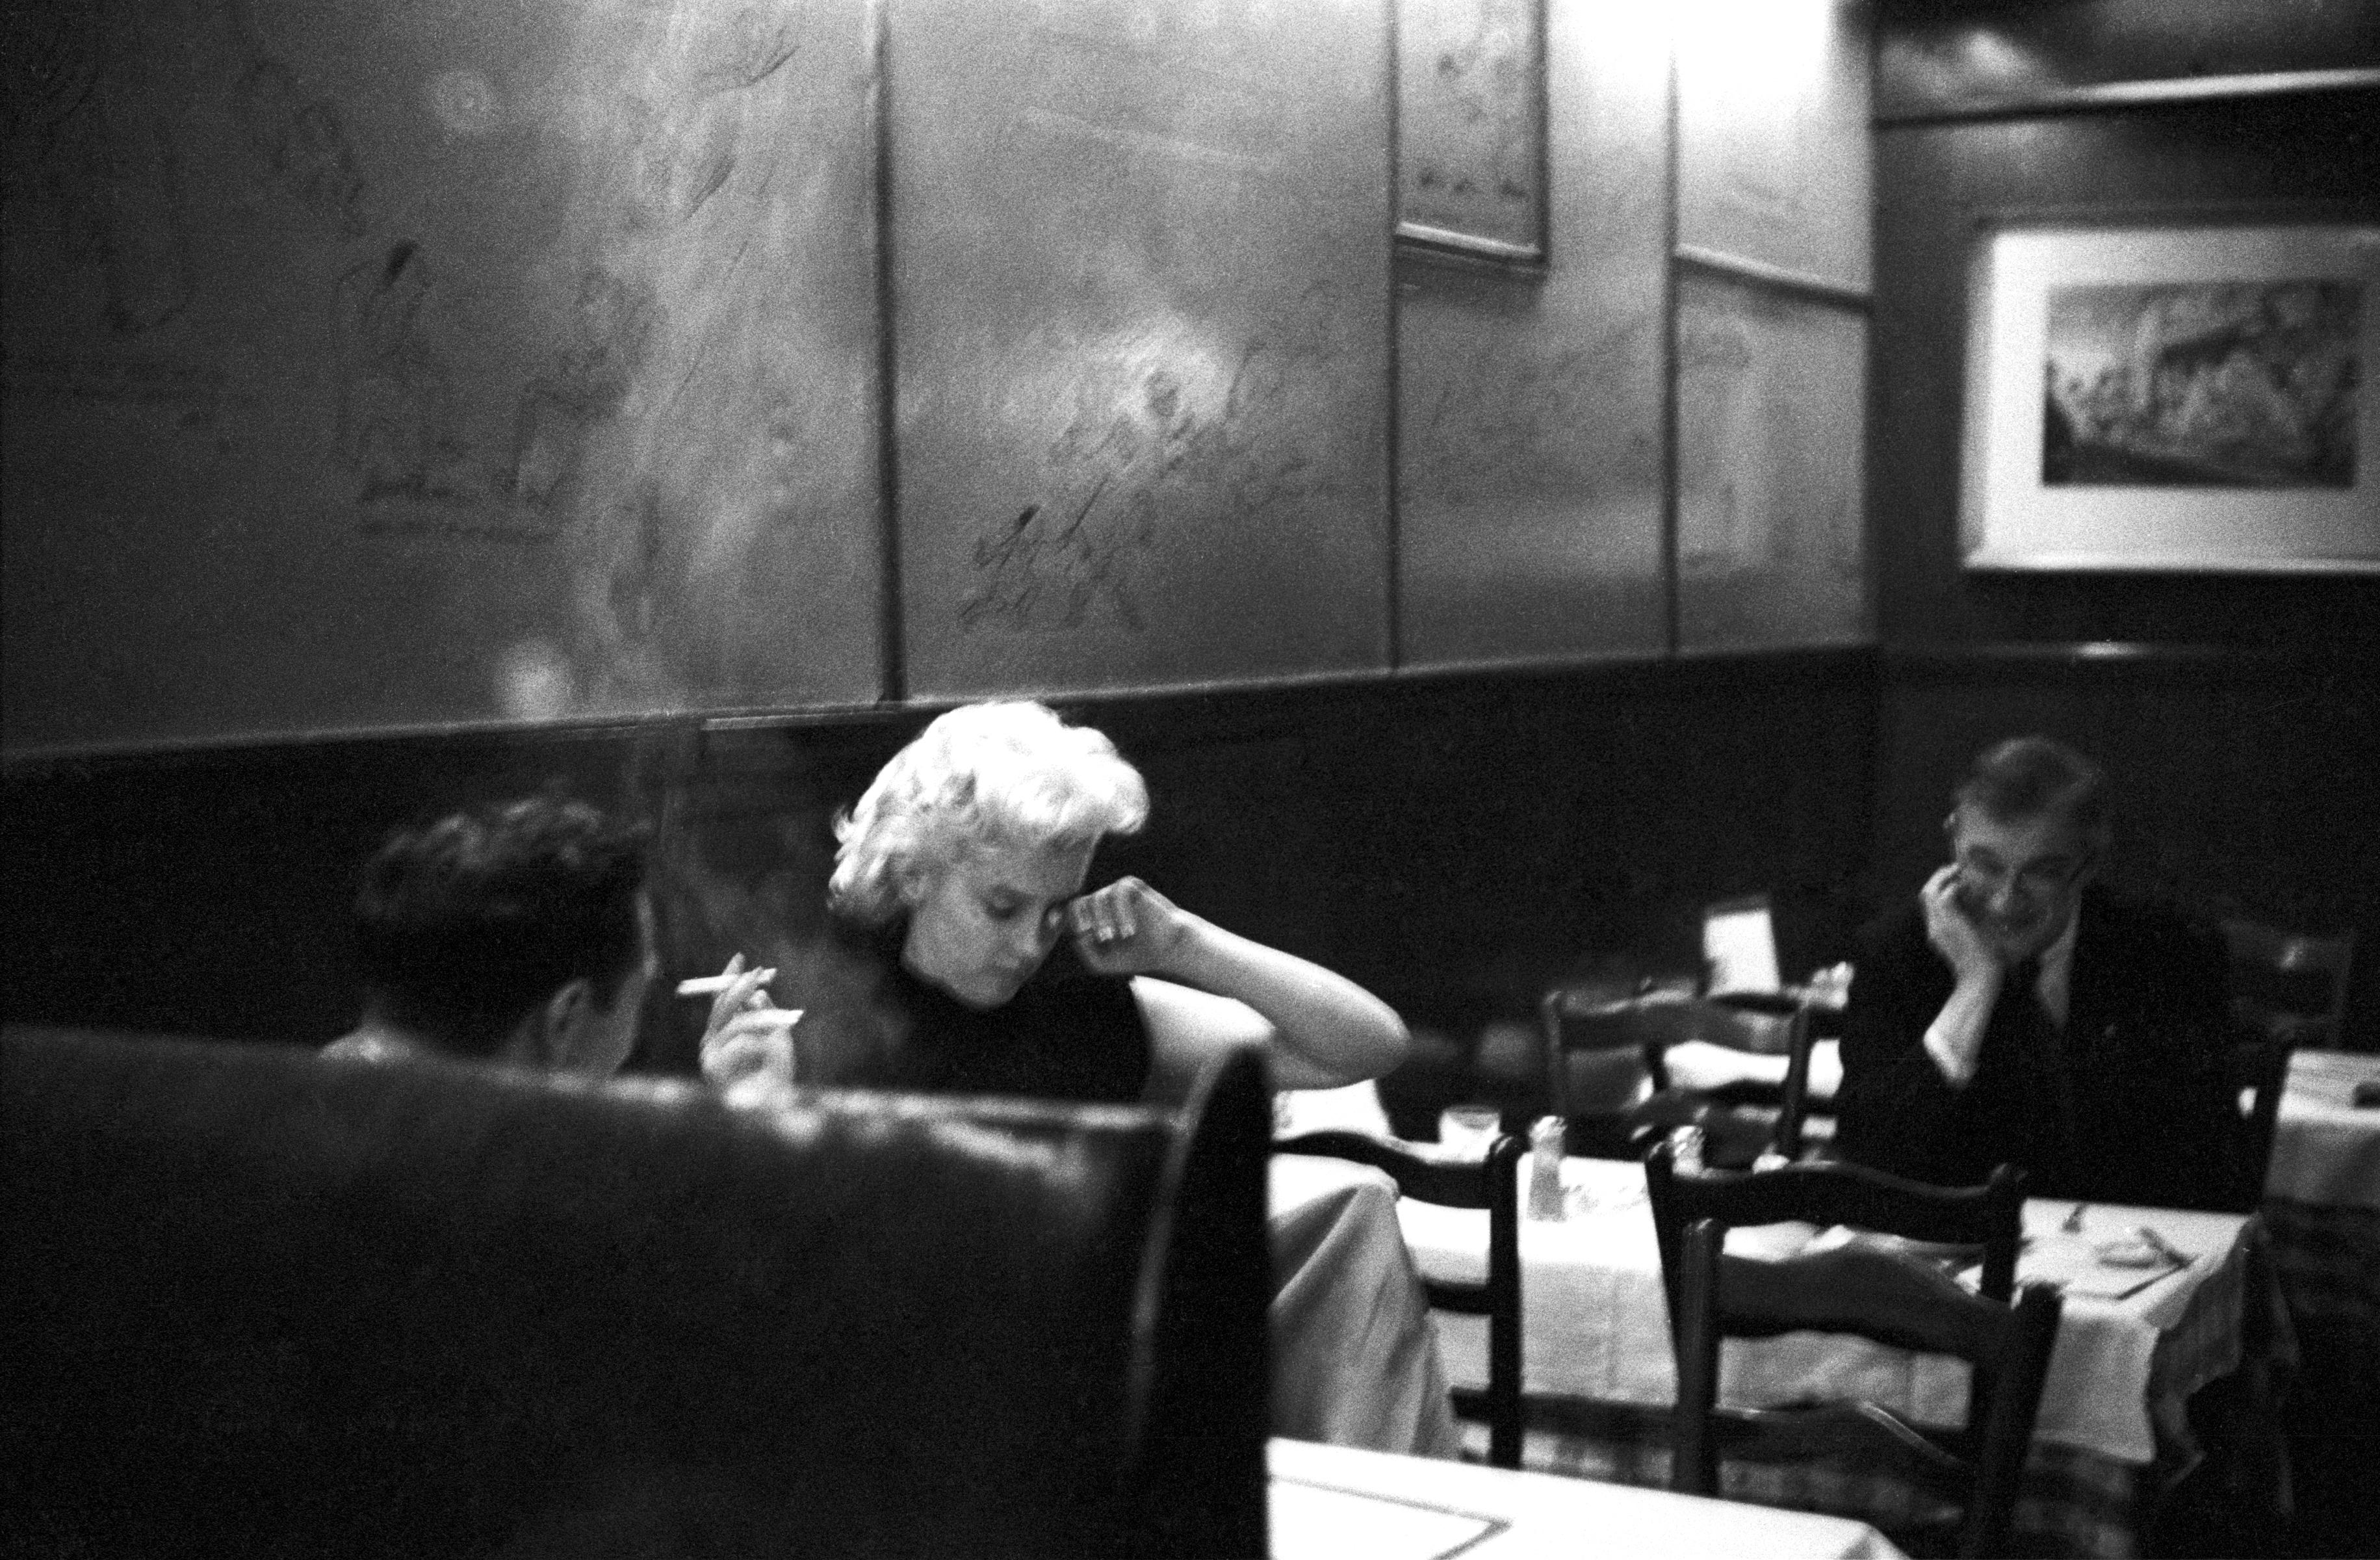 Psal se rok 1955 a ten byl pro kariéru Marilyn Monroe zlomový. Uprostřed rozepří se studiem Fox, které jí nabízelo špatně placené podprůměrné role, utekla z Hollywoodu do New Yorku. Začala chodit na lekce herectví, společně s Miltonem Greenem založila vlastní produkční společnost Marilyn Monroe Production, a v podstatě tak jako první dosáhla nezávislosti na hollywoodské továrně na sny.